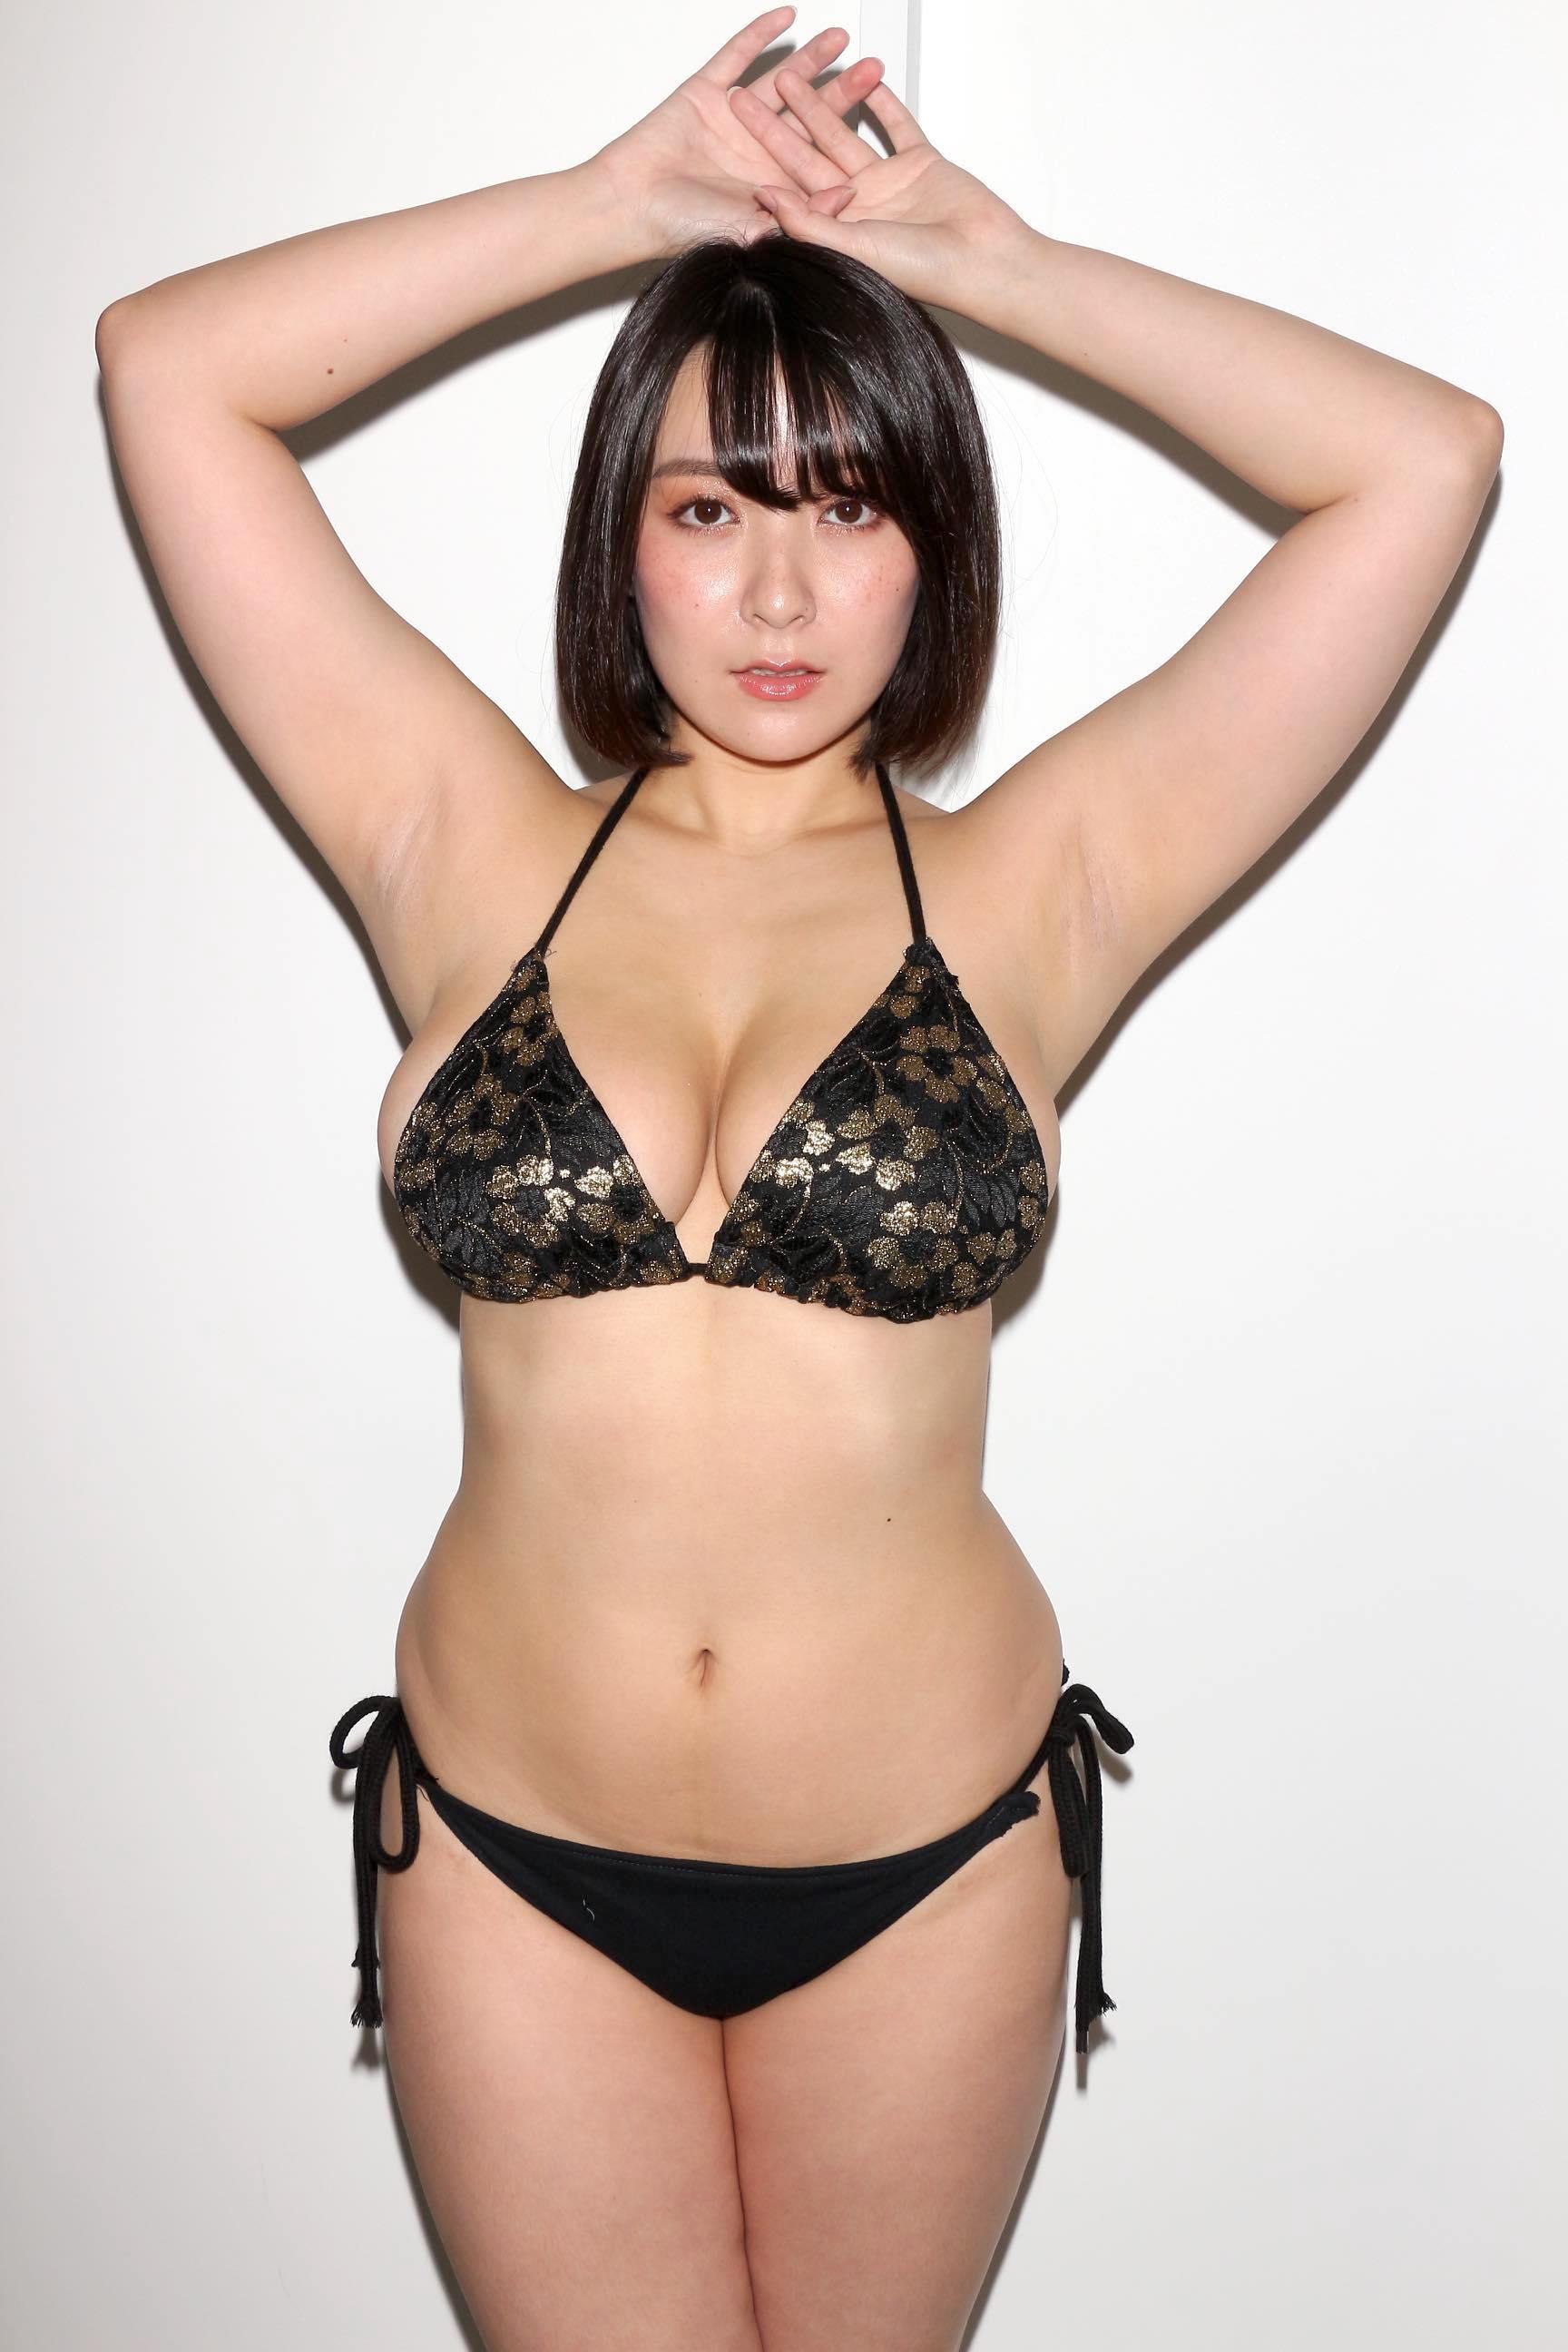 紺野栞「胸が成長しっぱなし」Hカップがキツくなっちゃった【写真28枚】の画像013